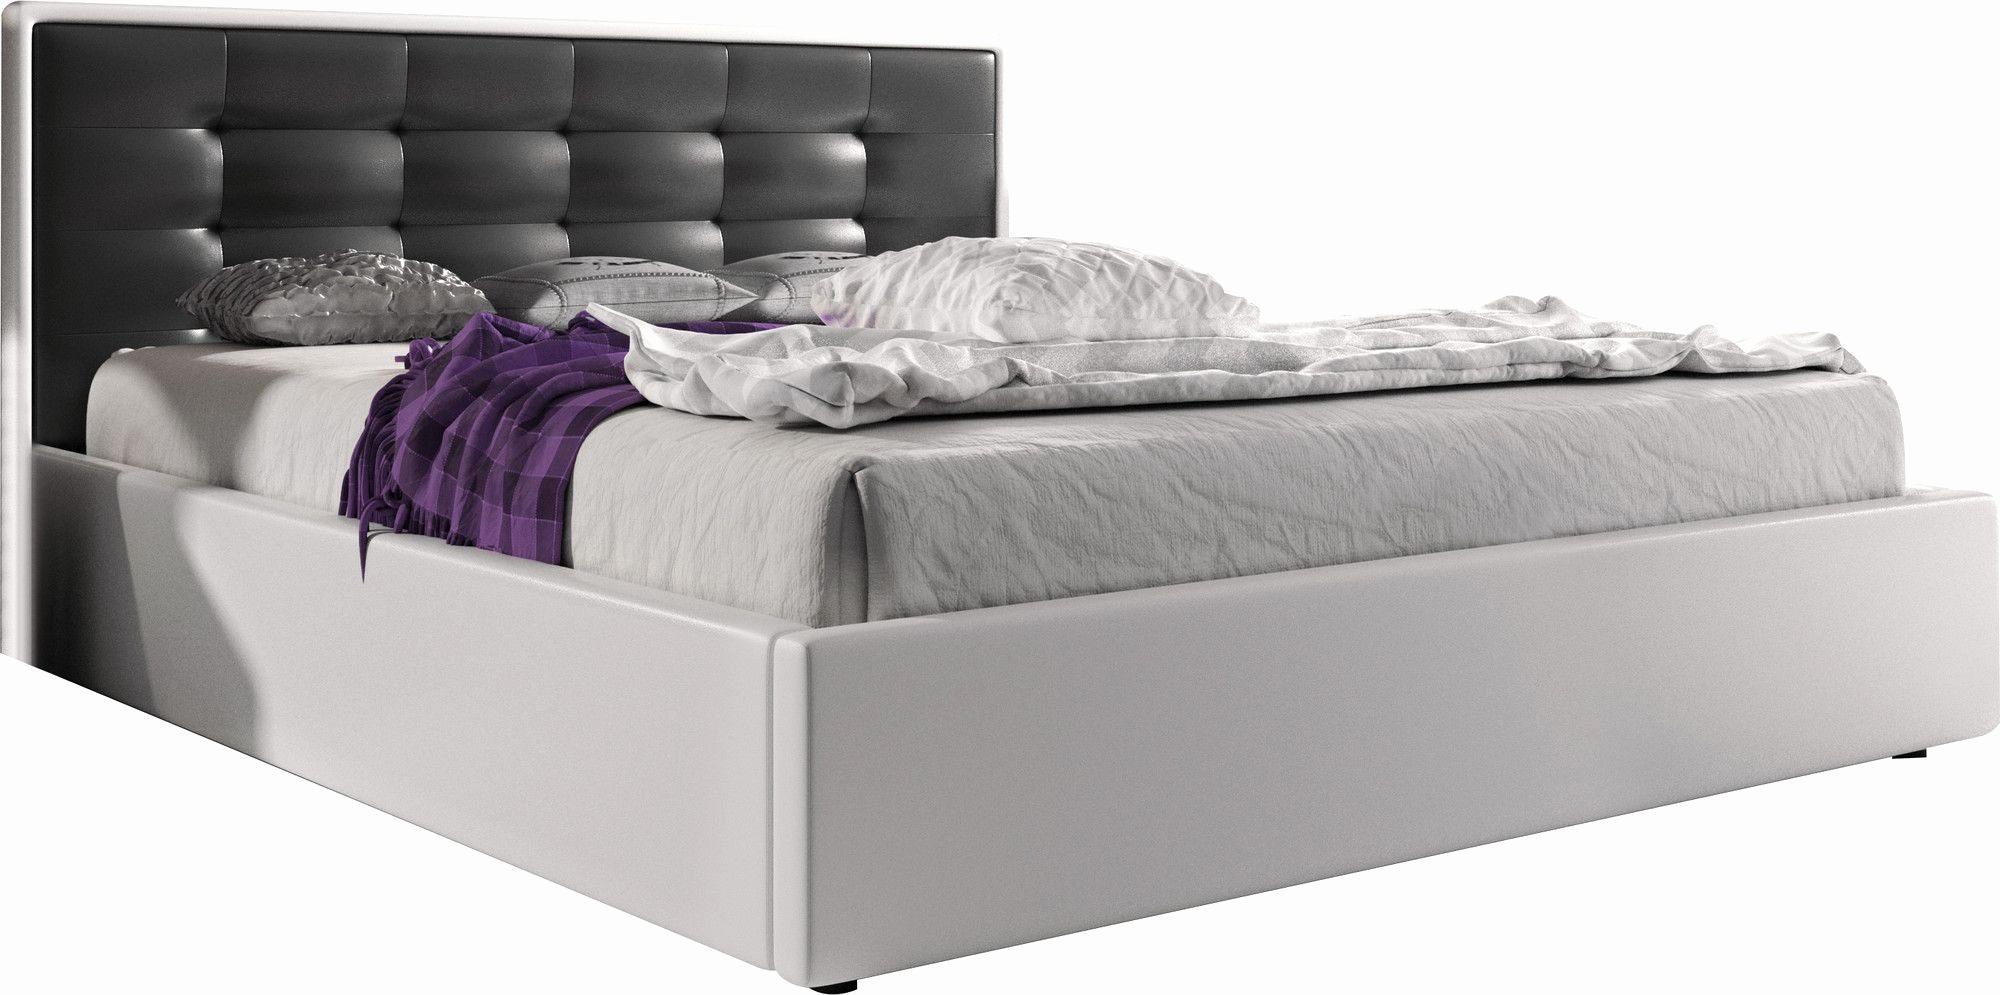 Lit 160x200 sommier Inclus Inspiré Lit Design 160—200 Fresh Lit Design En Tissu Lit Double 160—200 Cm